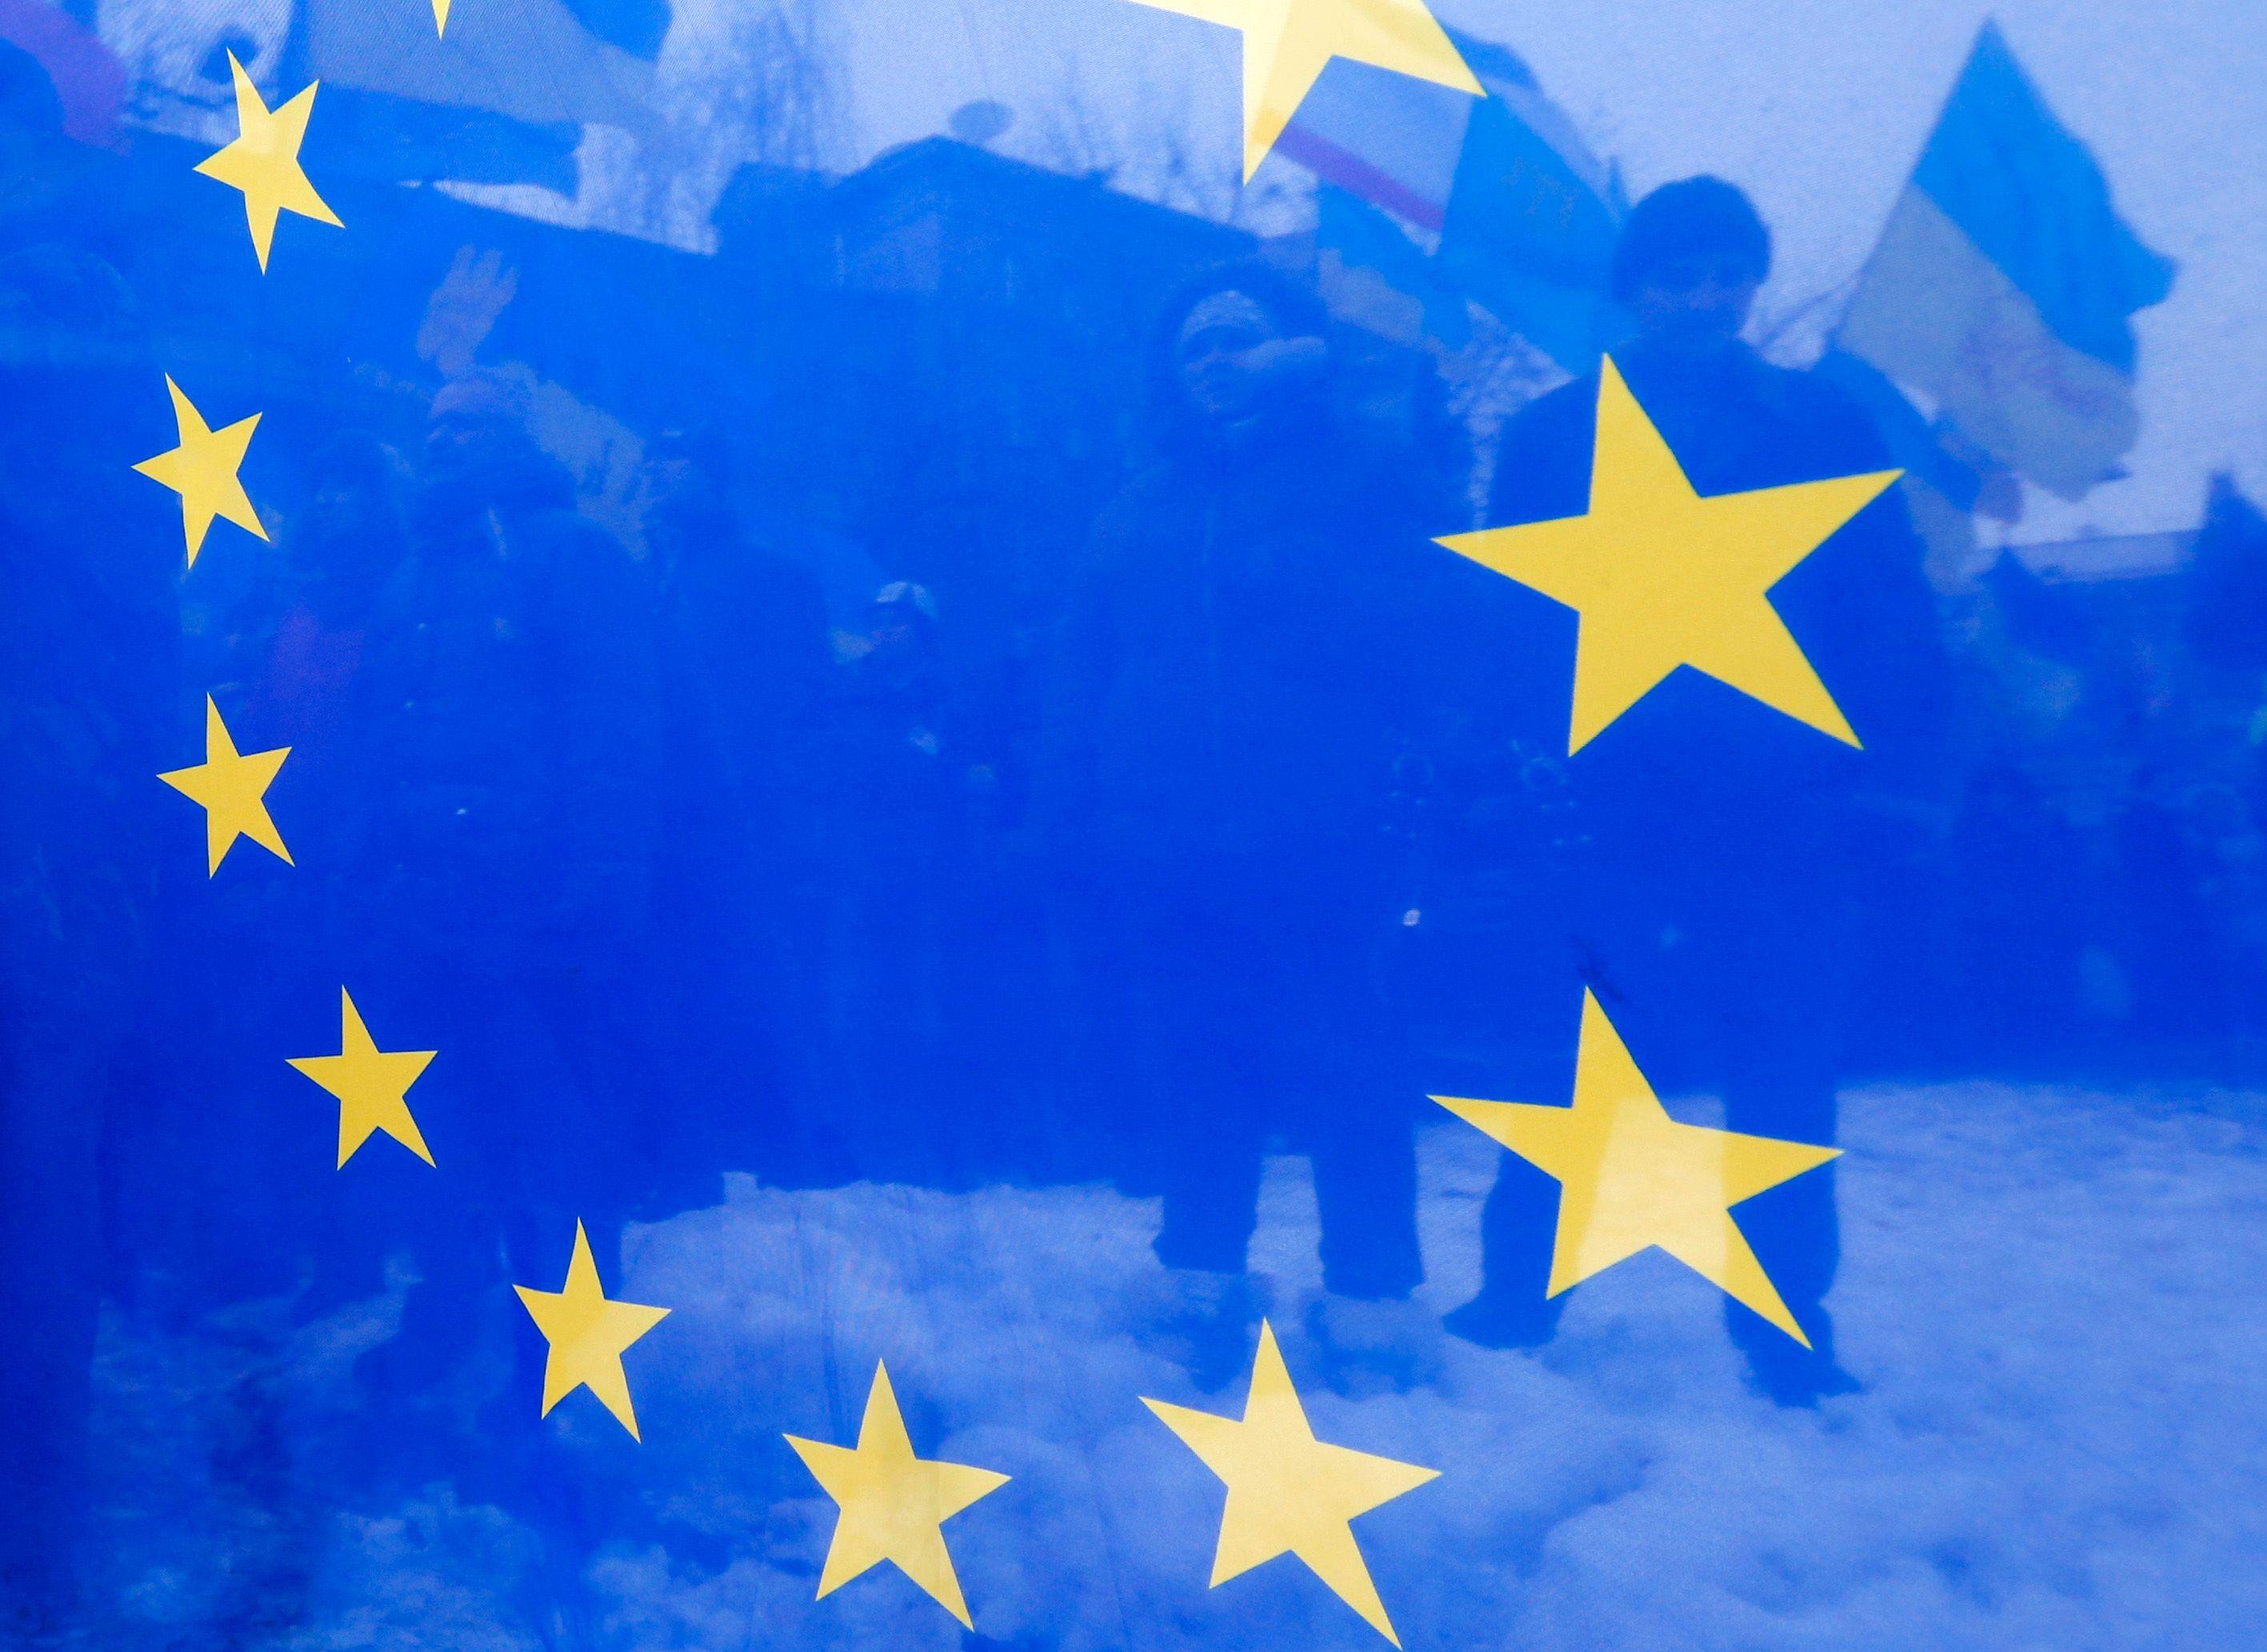 L'Europe à plusieurs vitesses : le projet qui ne fait qu'entériner une réalité qui existe déjà en masquant mal l'absence d'idée véritable